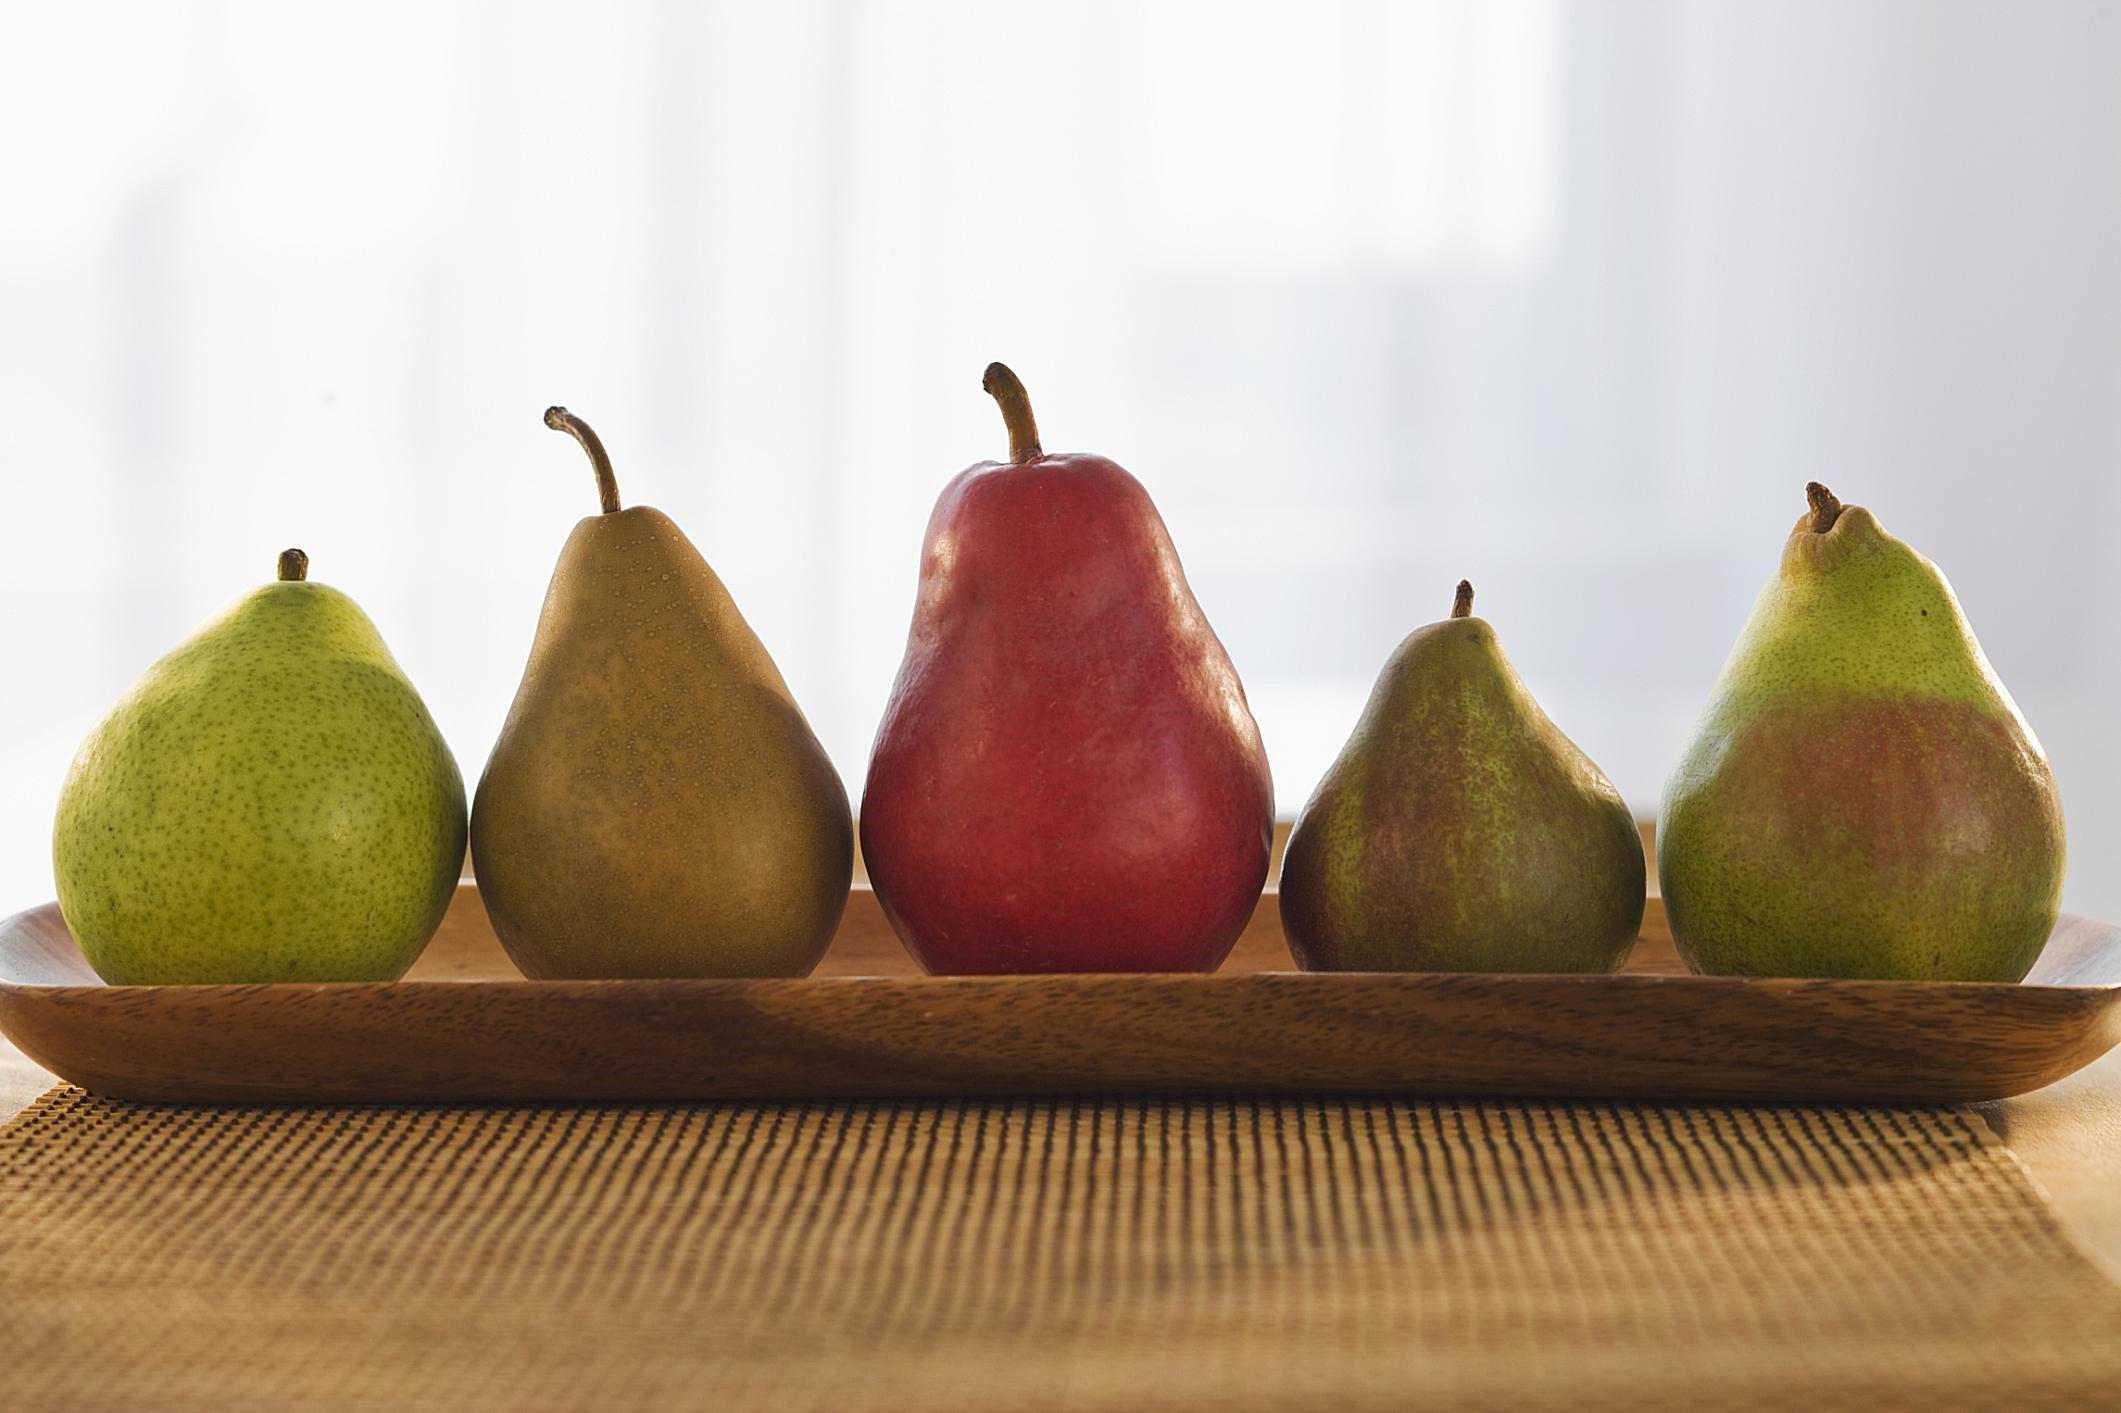 گلابی میوه مقوی